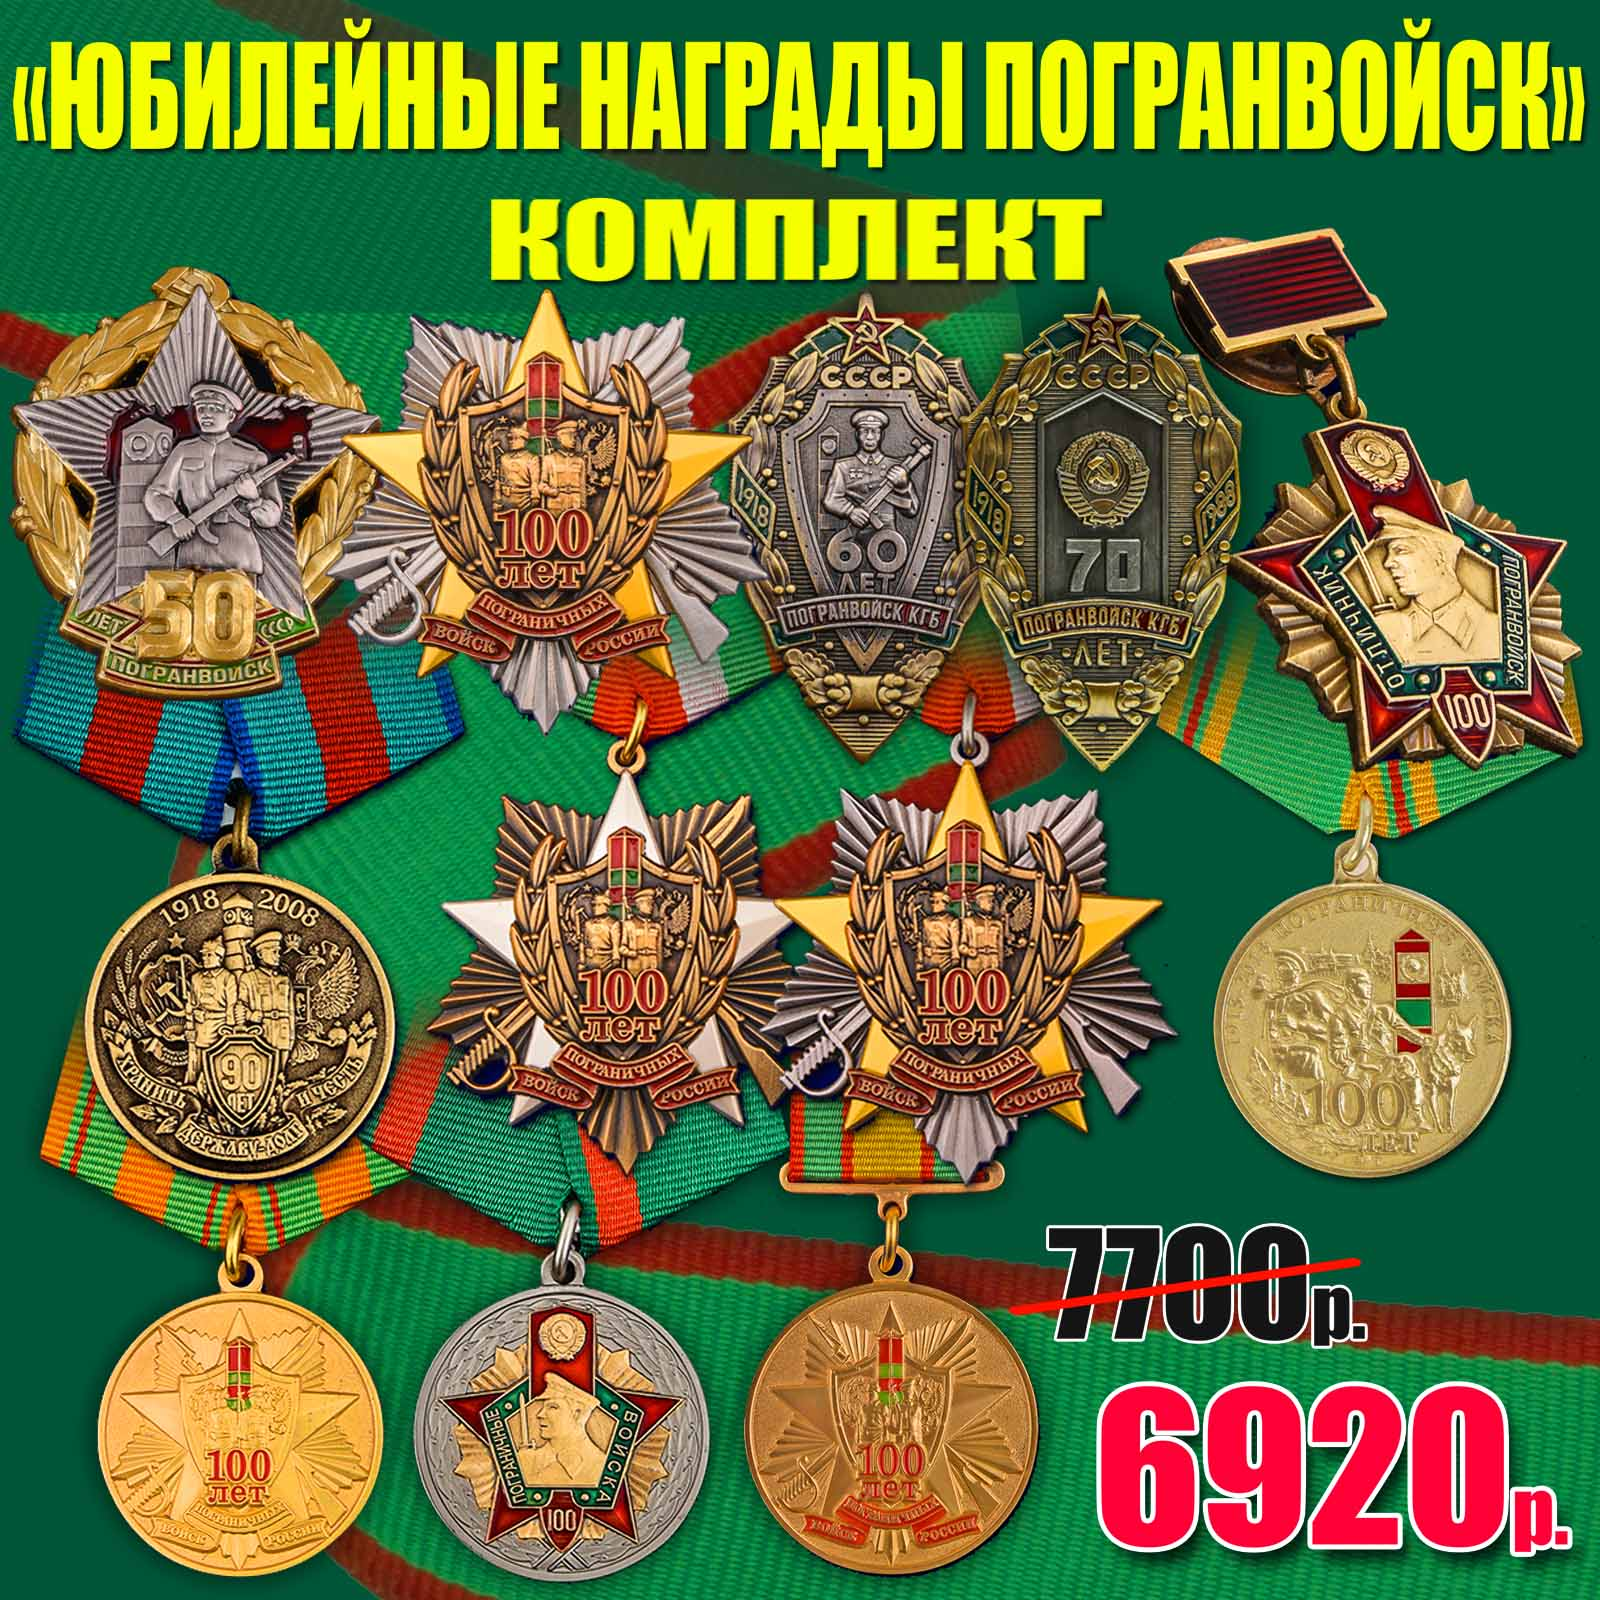 Комплект медалей и знаков отличия Погранвойск со скидкой